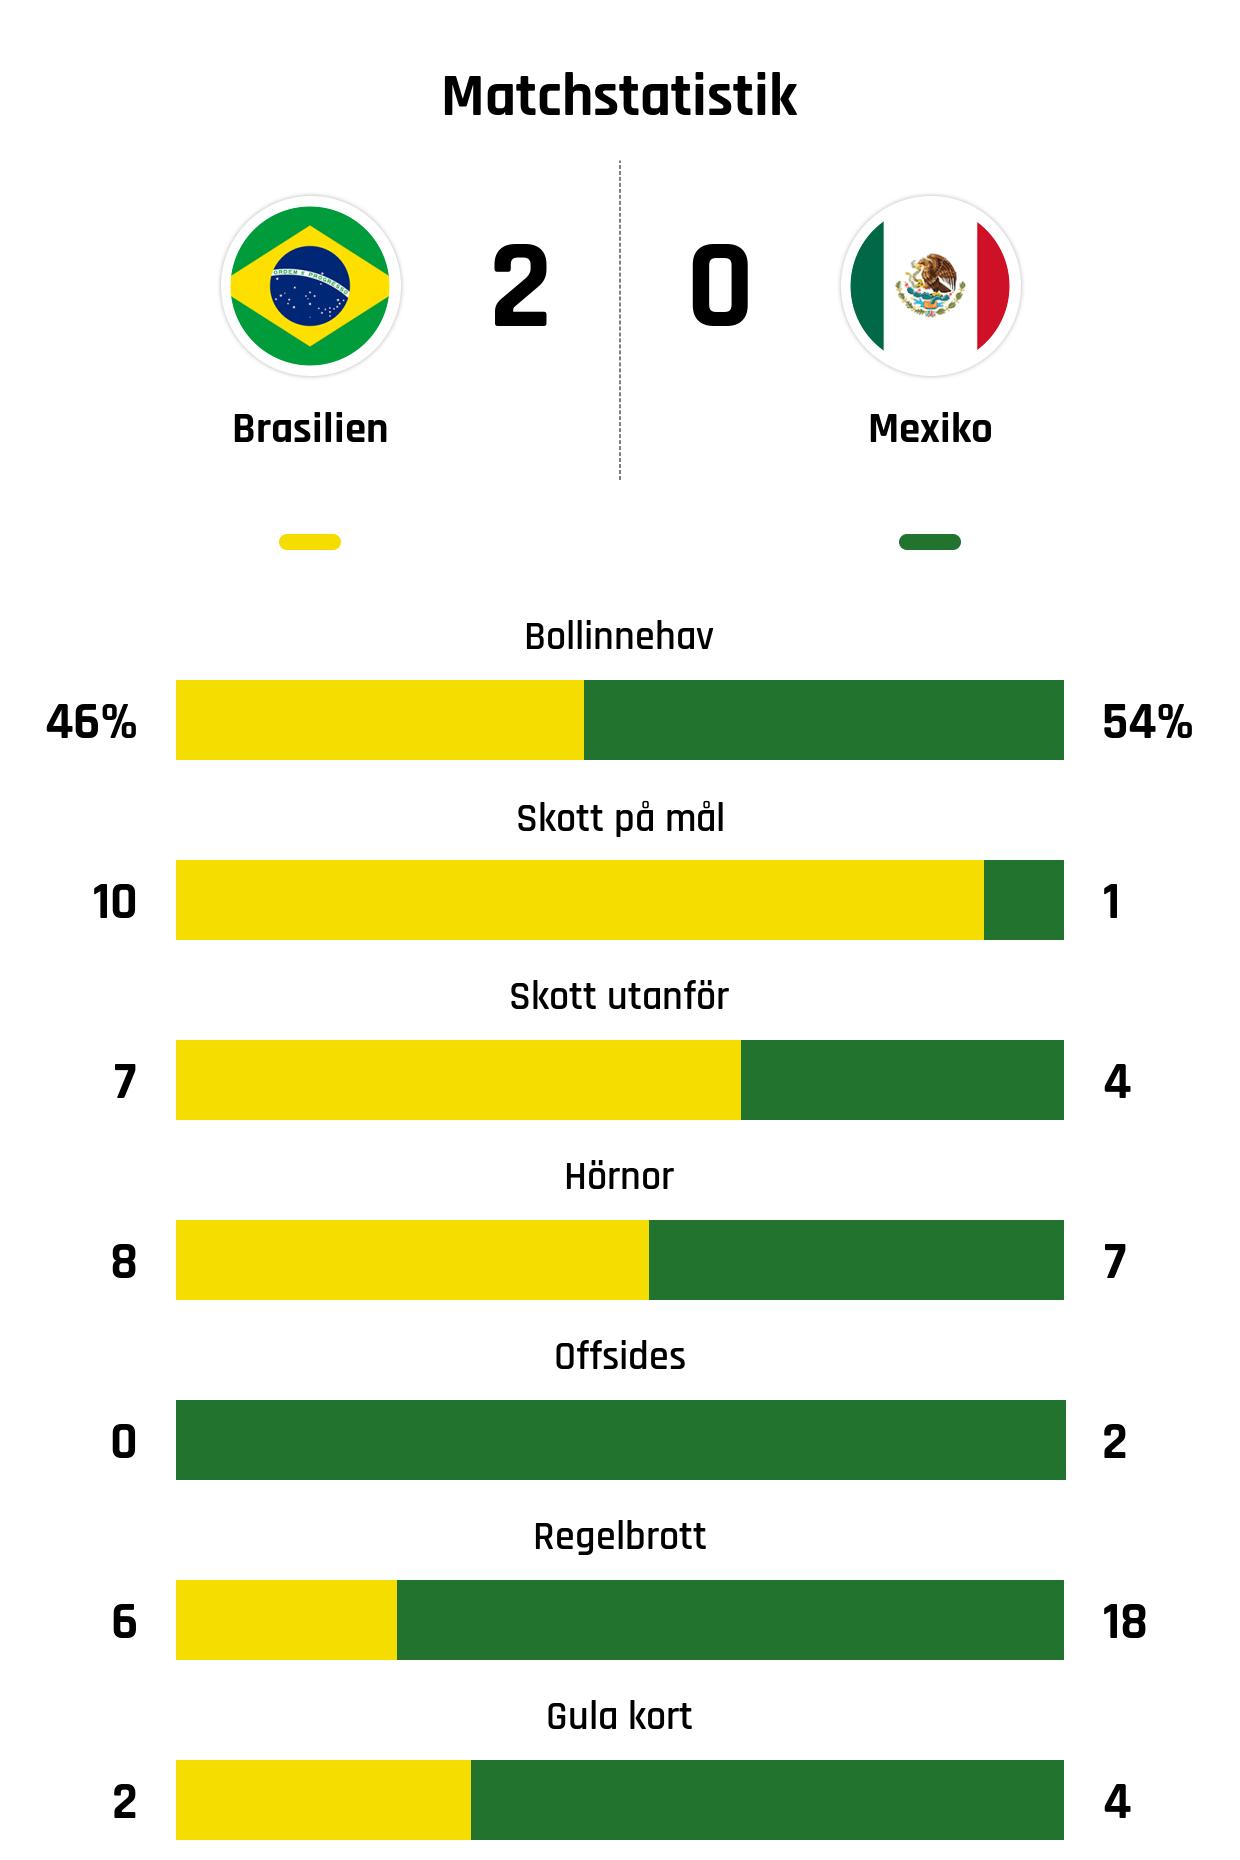 Bollinnehav 46%-54%<br /> Skott på mål 10-1<br /> Skott utanför 7-4<br /> Hörnor 8-7<br /> Offsides 0-2<br /> Regelbrott 6-18<br /> Gula kort 2-4